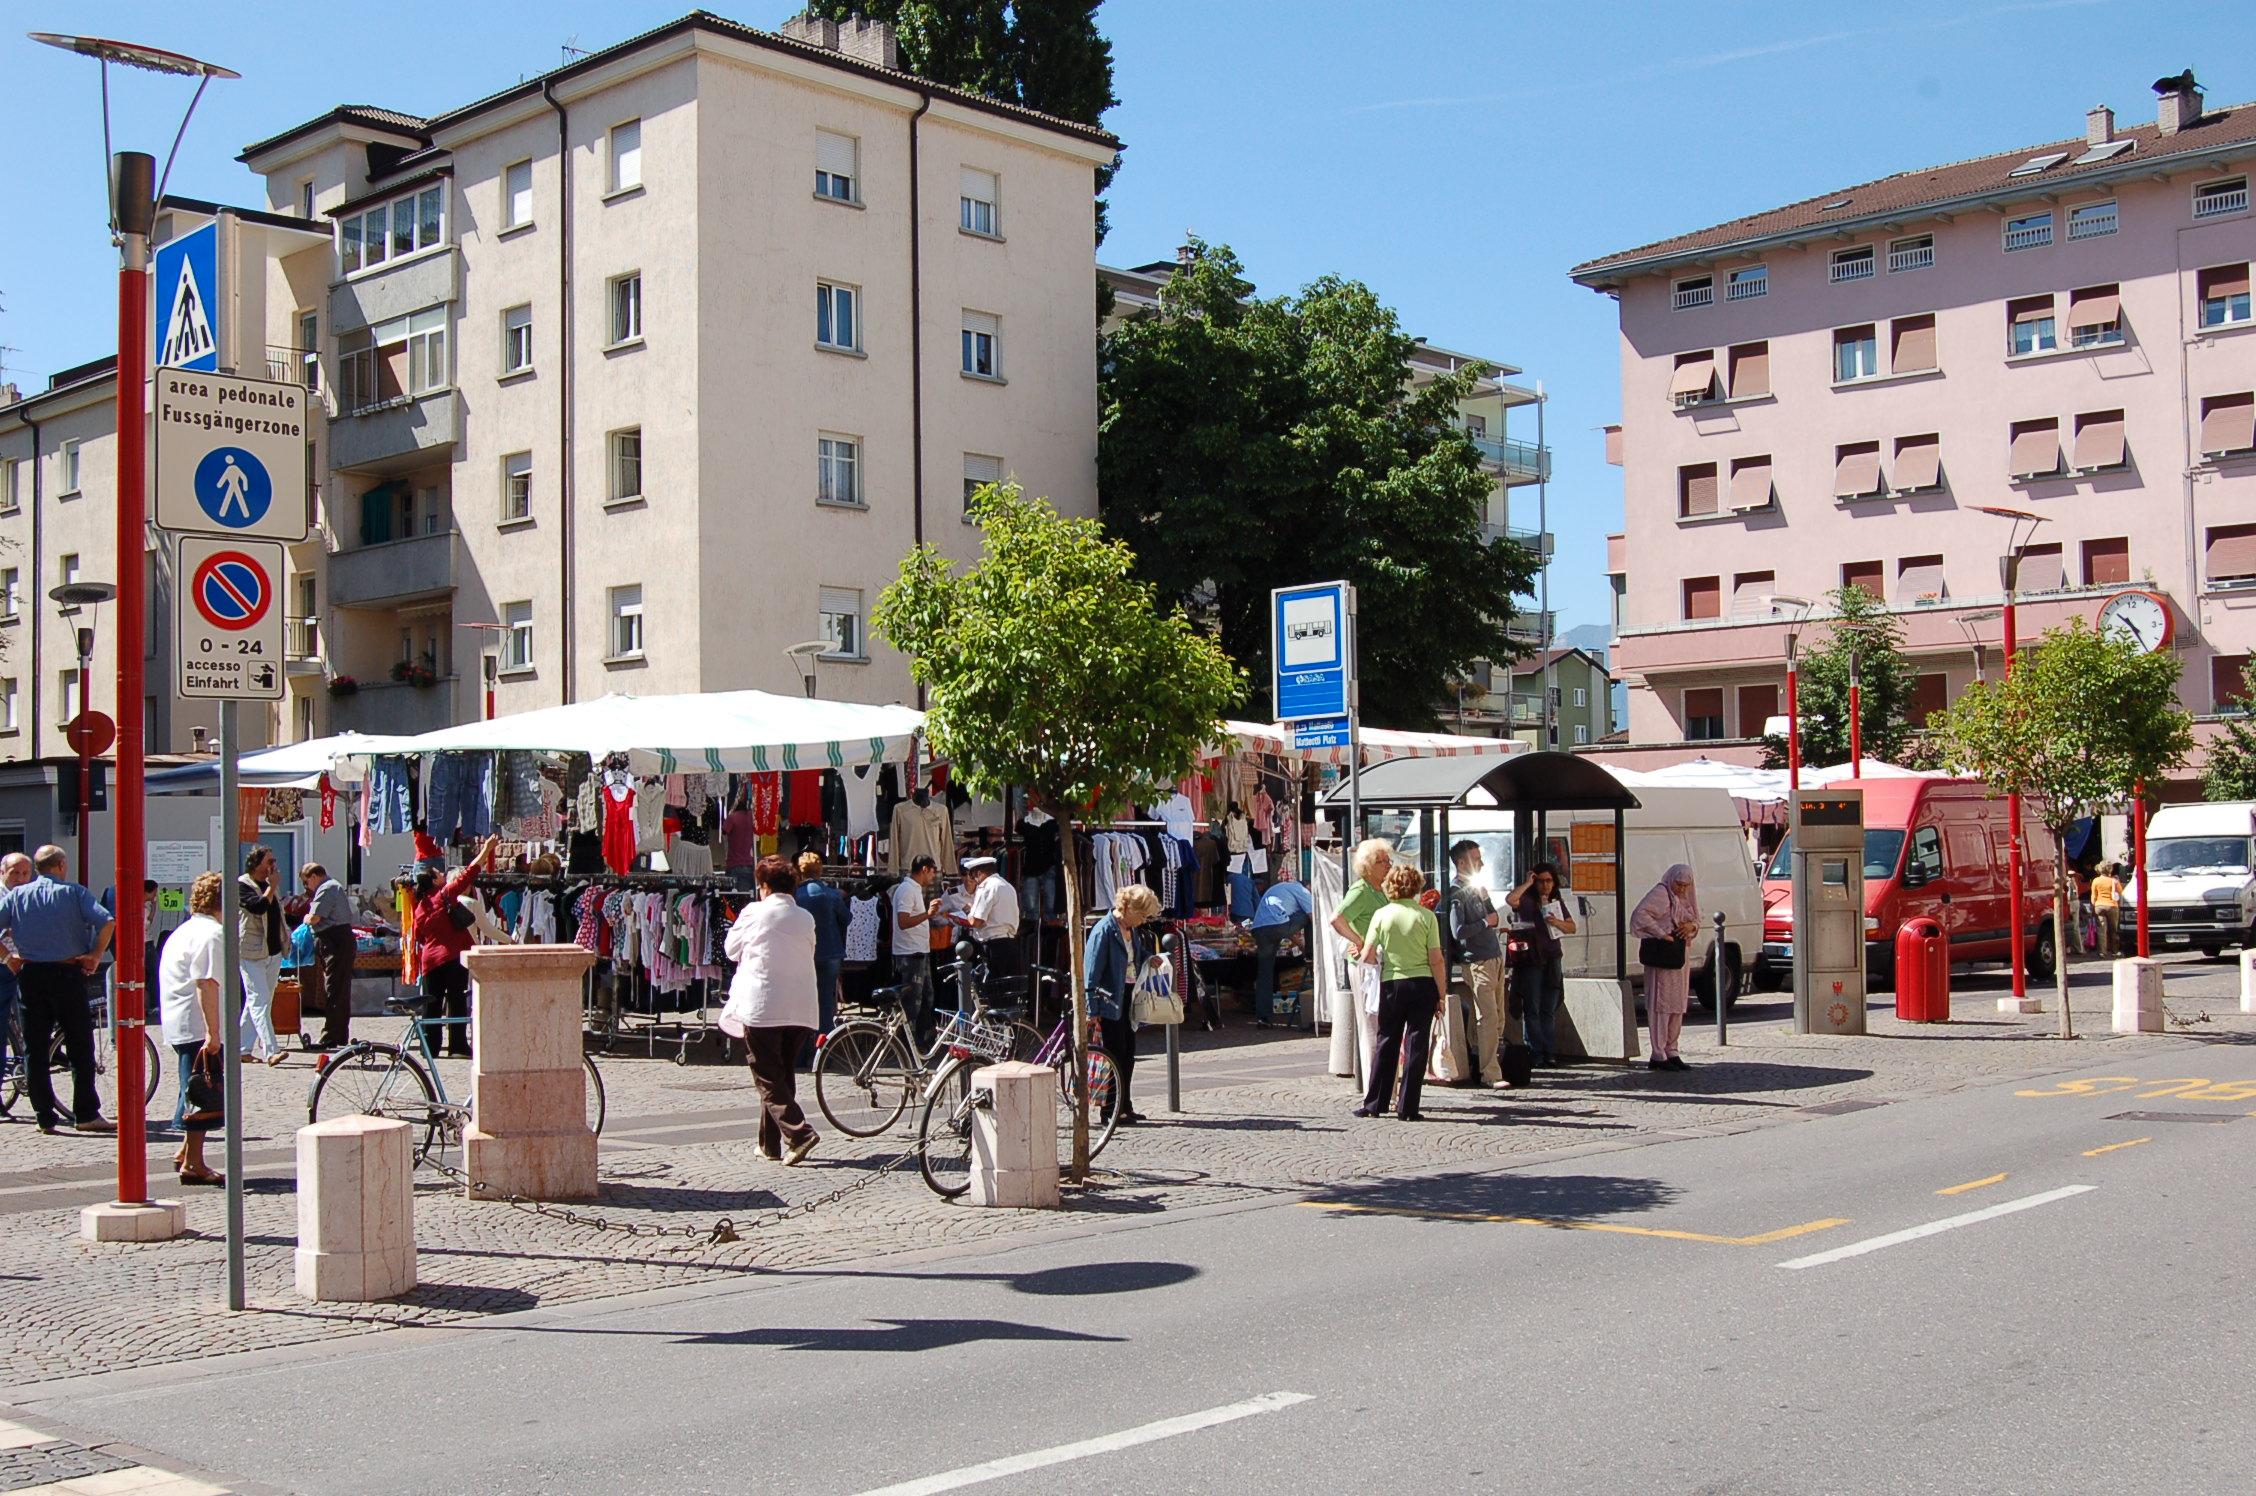 piazzamatteotti_2008